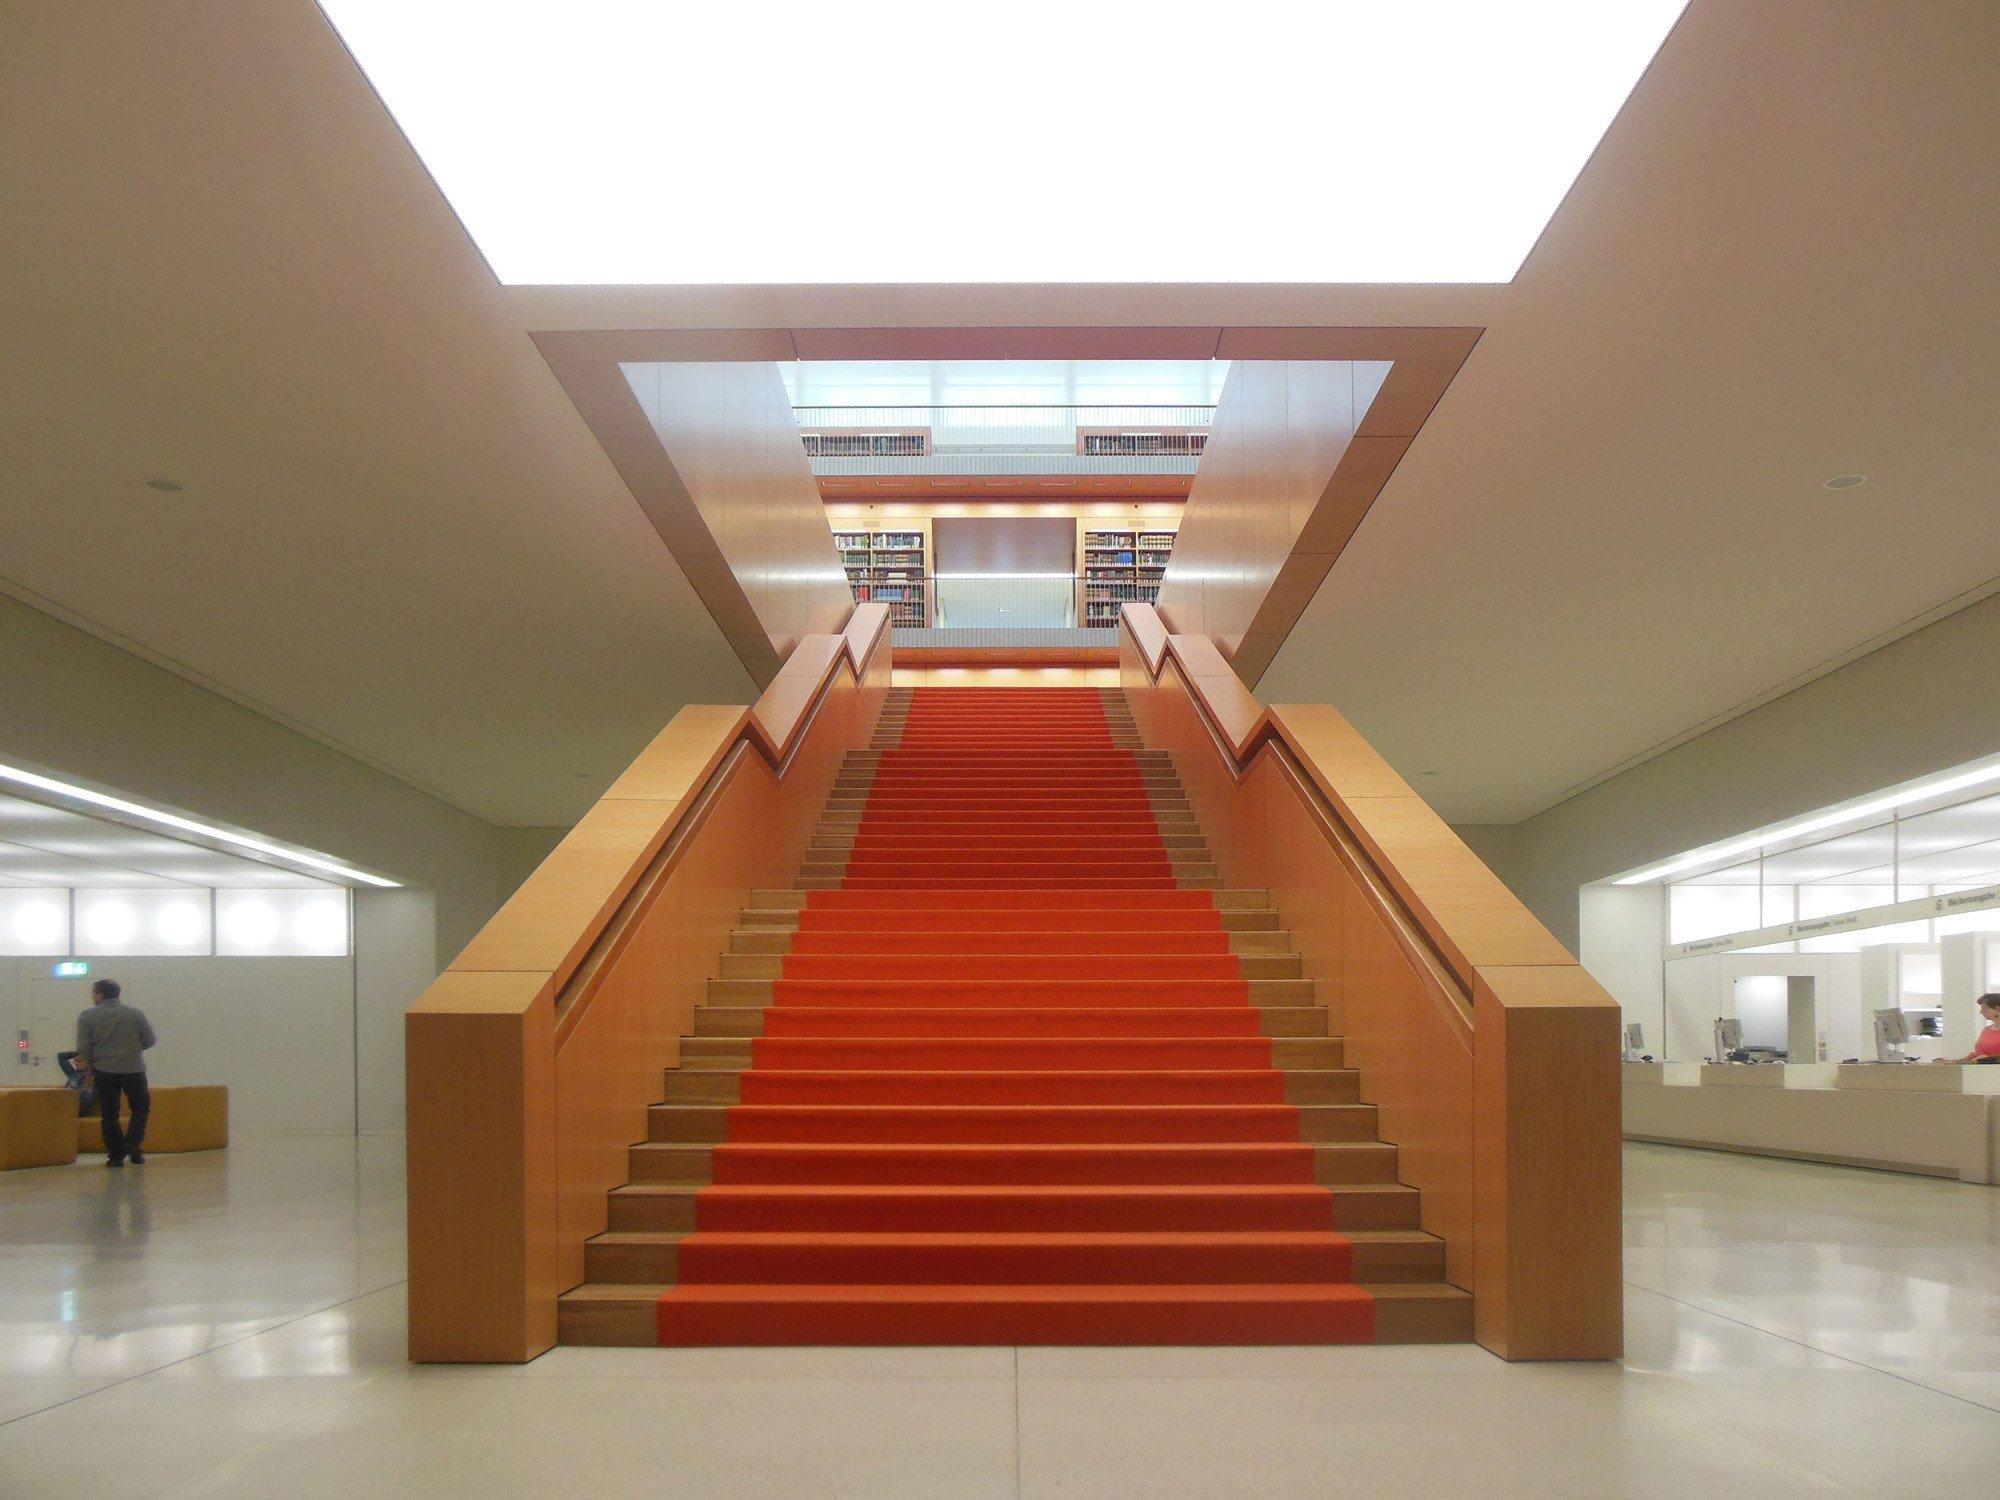 Treppen in ffentlichen geb uden treppen planungsgrundlagen baunetz wissen - Treppen architektur ...